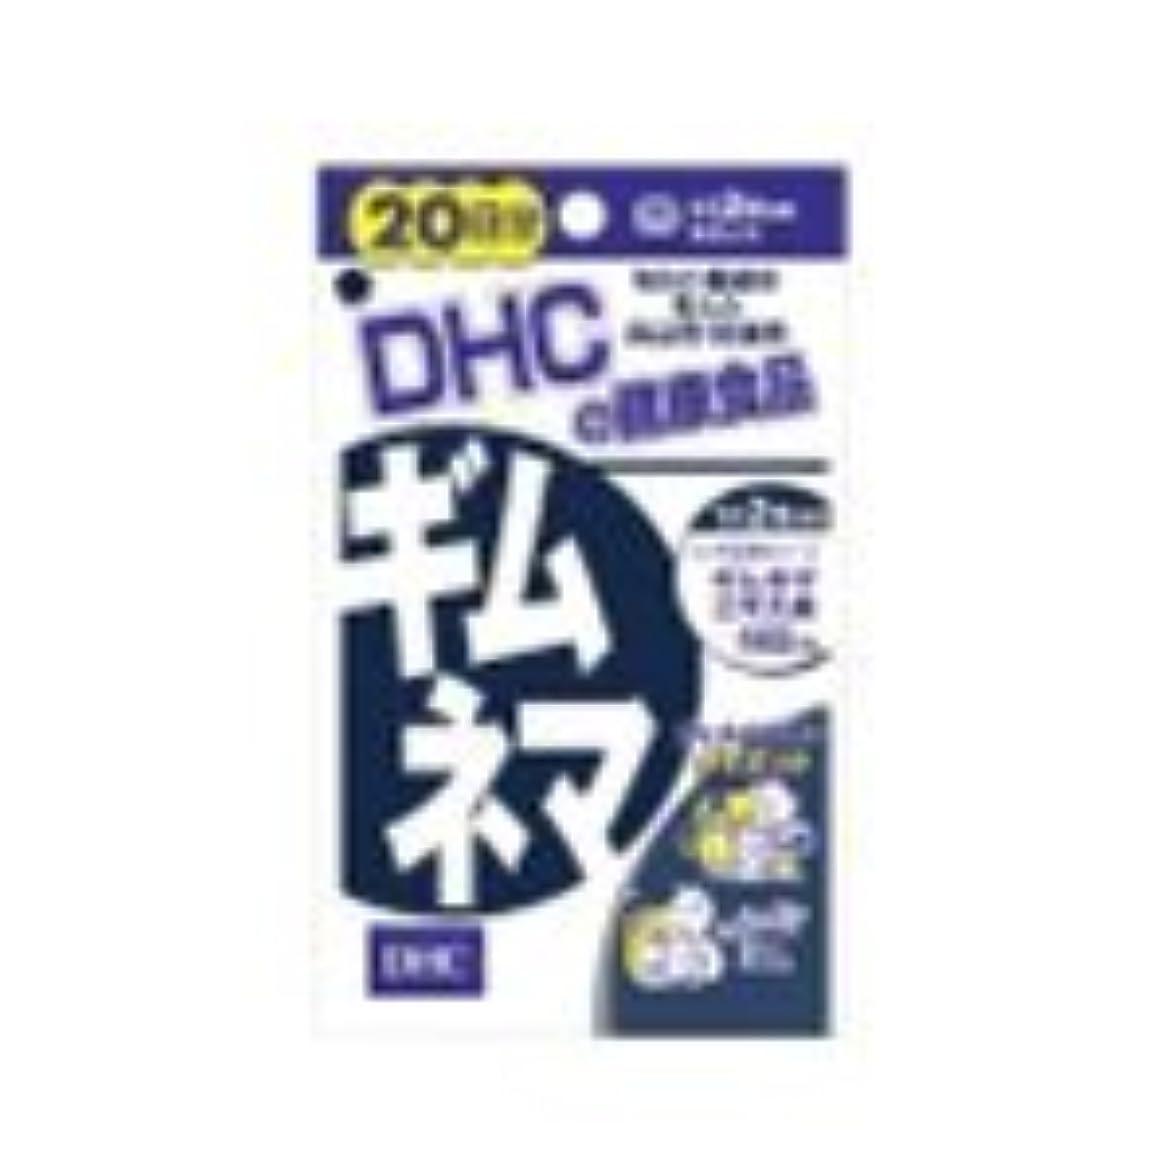 摂氏コインランドリー肥料★ DHC 20日分 ギムネマ